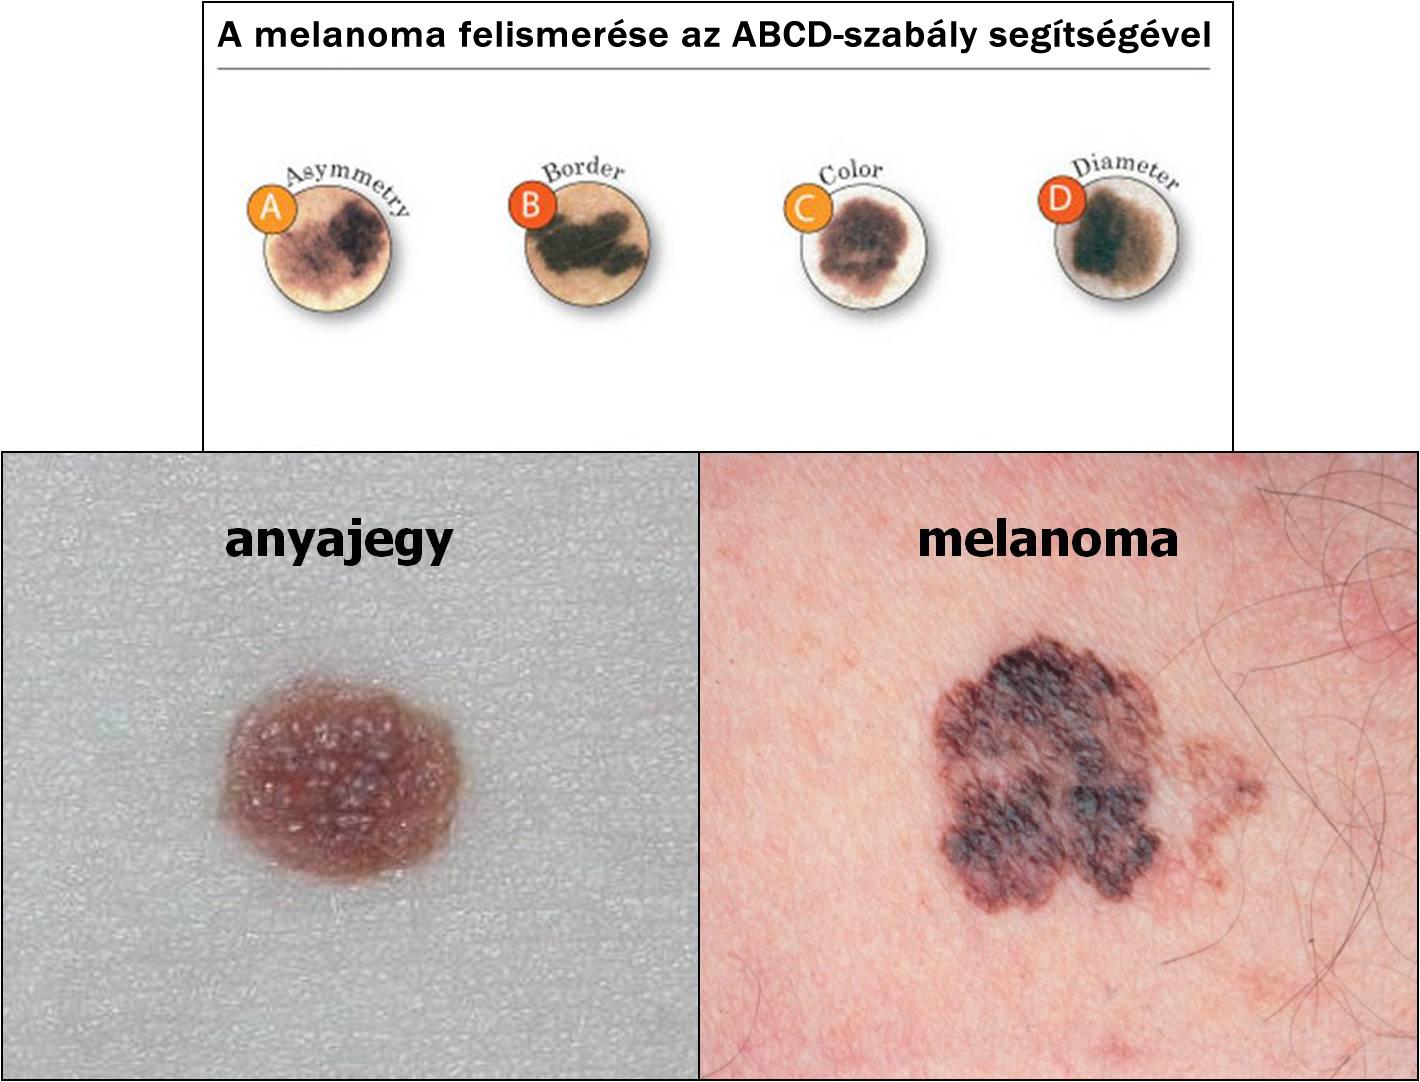 bőrrák kialakulása neuroendokrin rák immunterápia